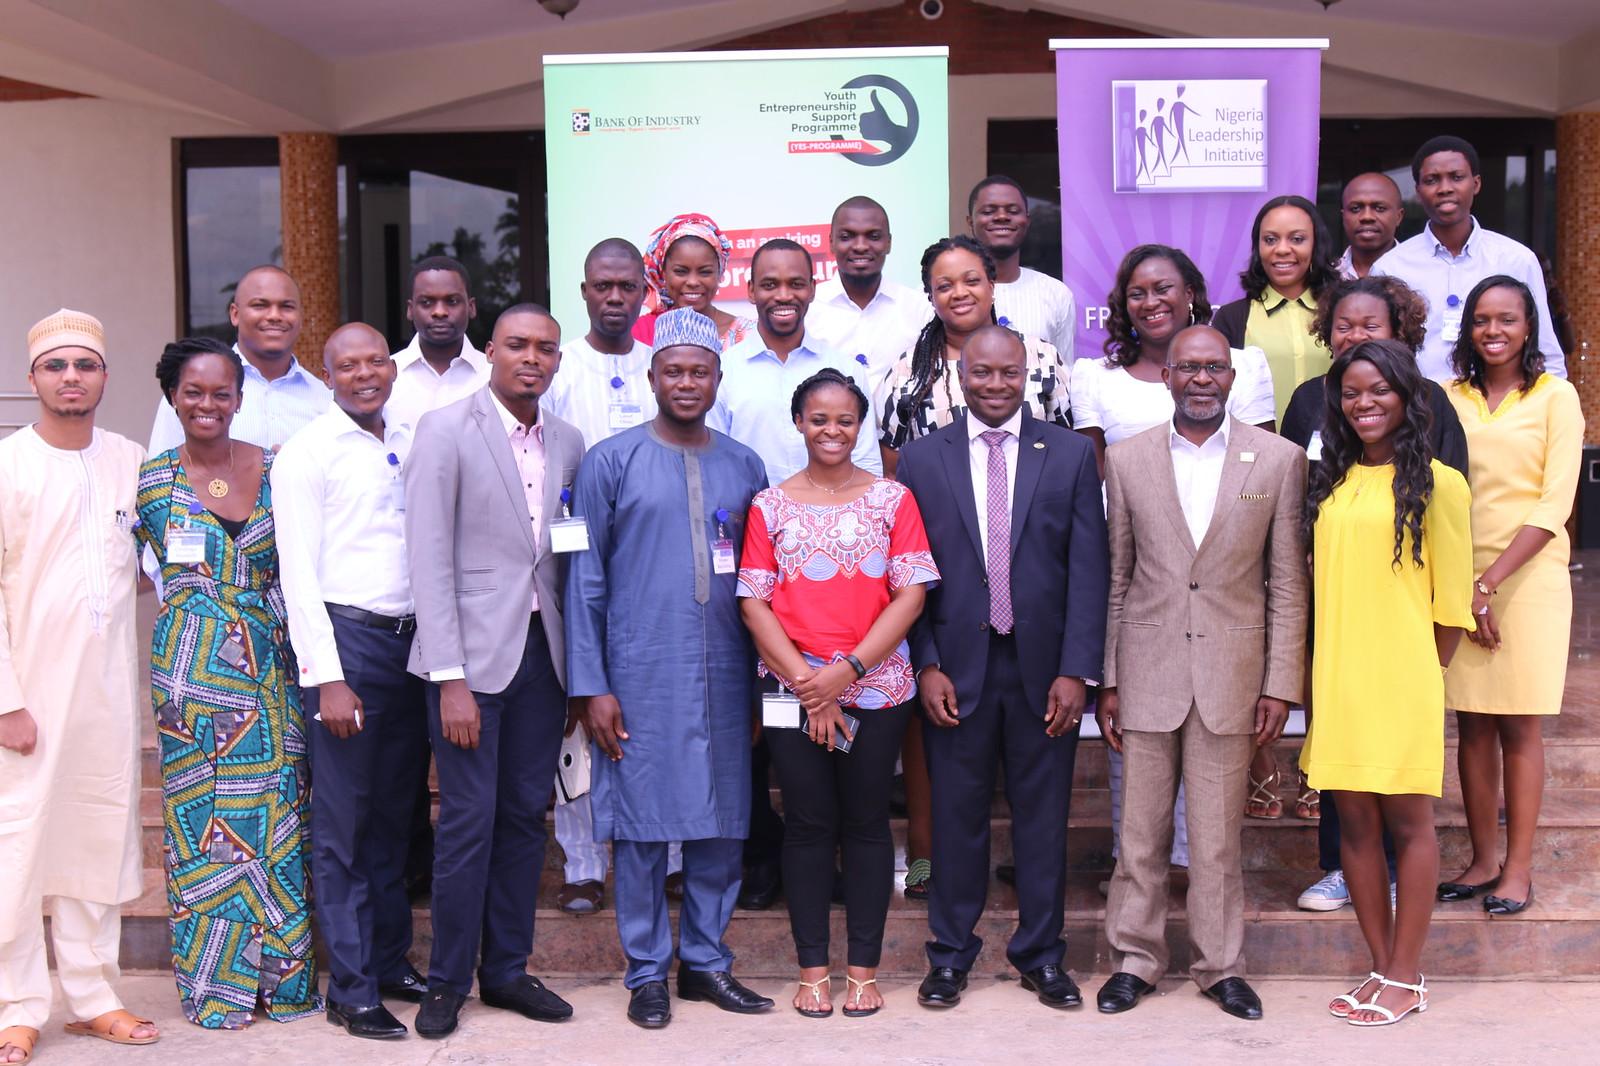 Future Leaders Seminar 2016